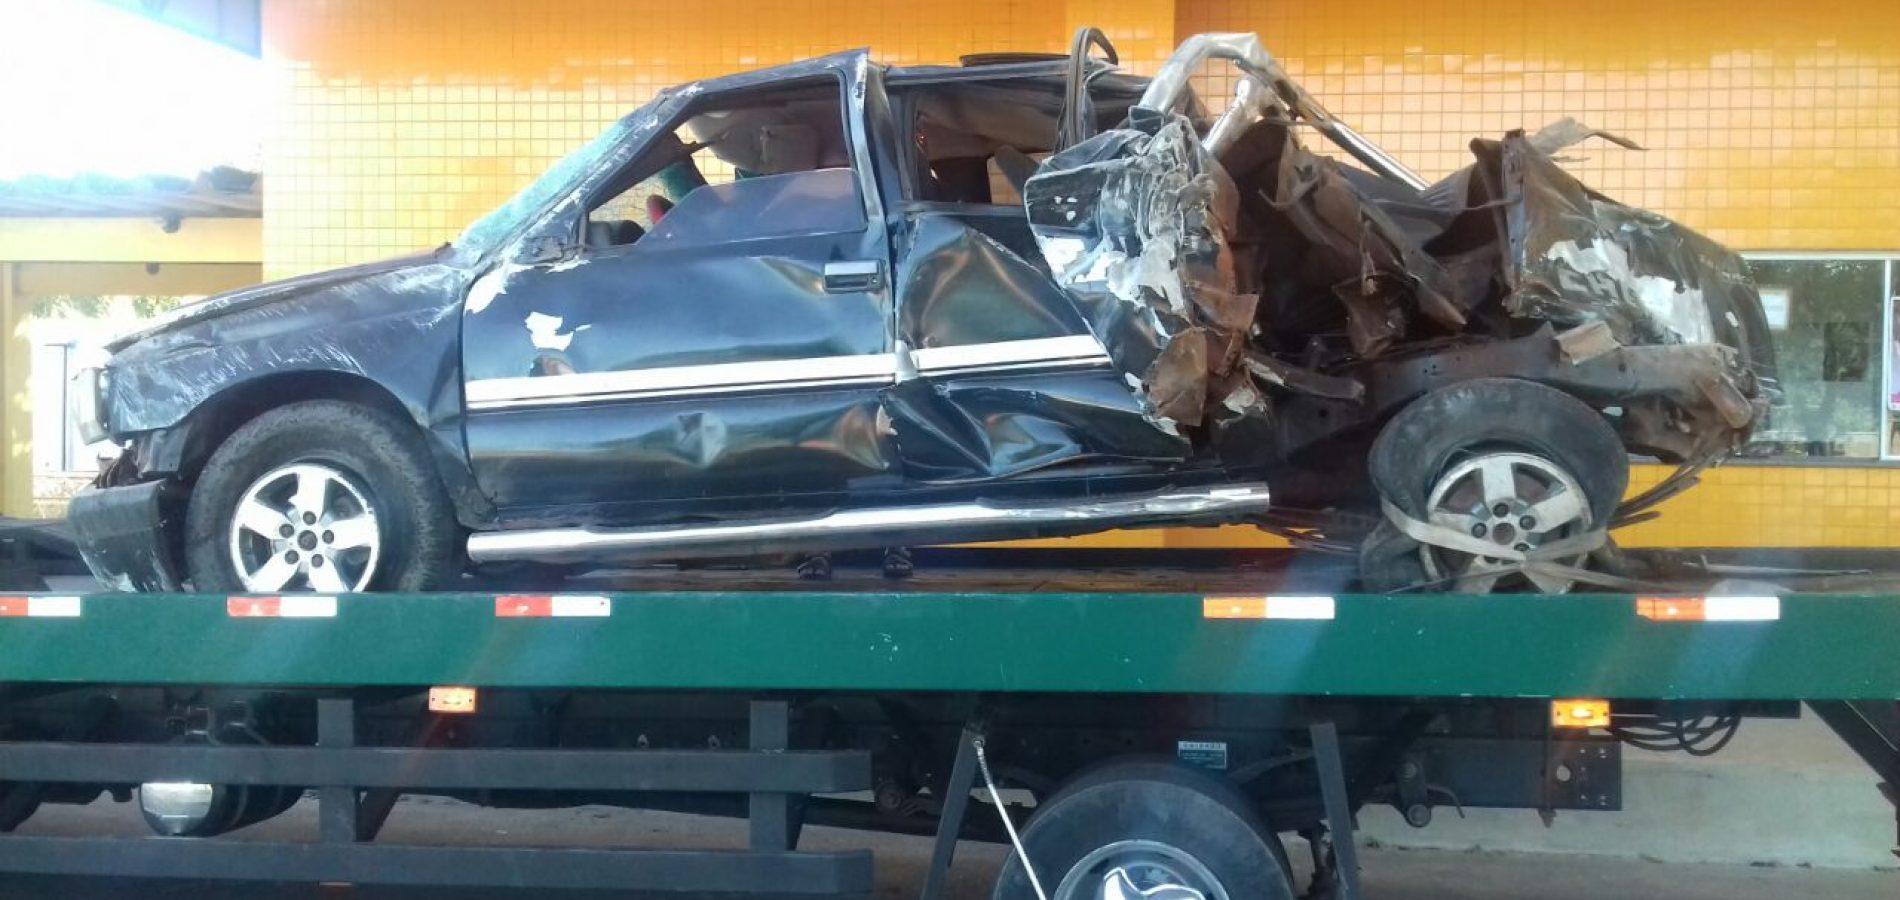 Homem morre após ser atropelado por ônibus no Piauí